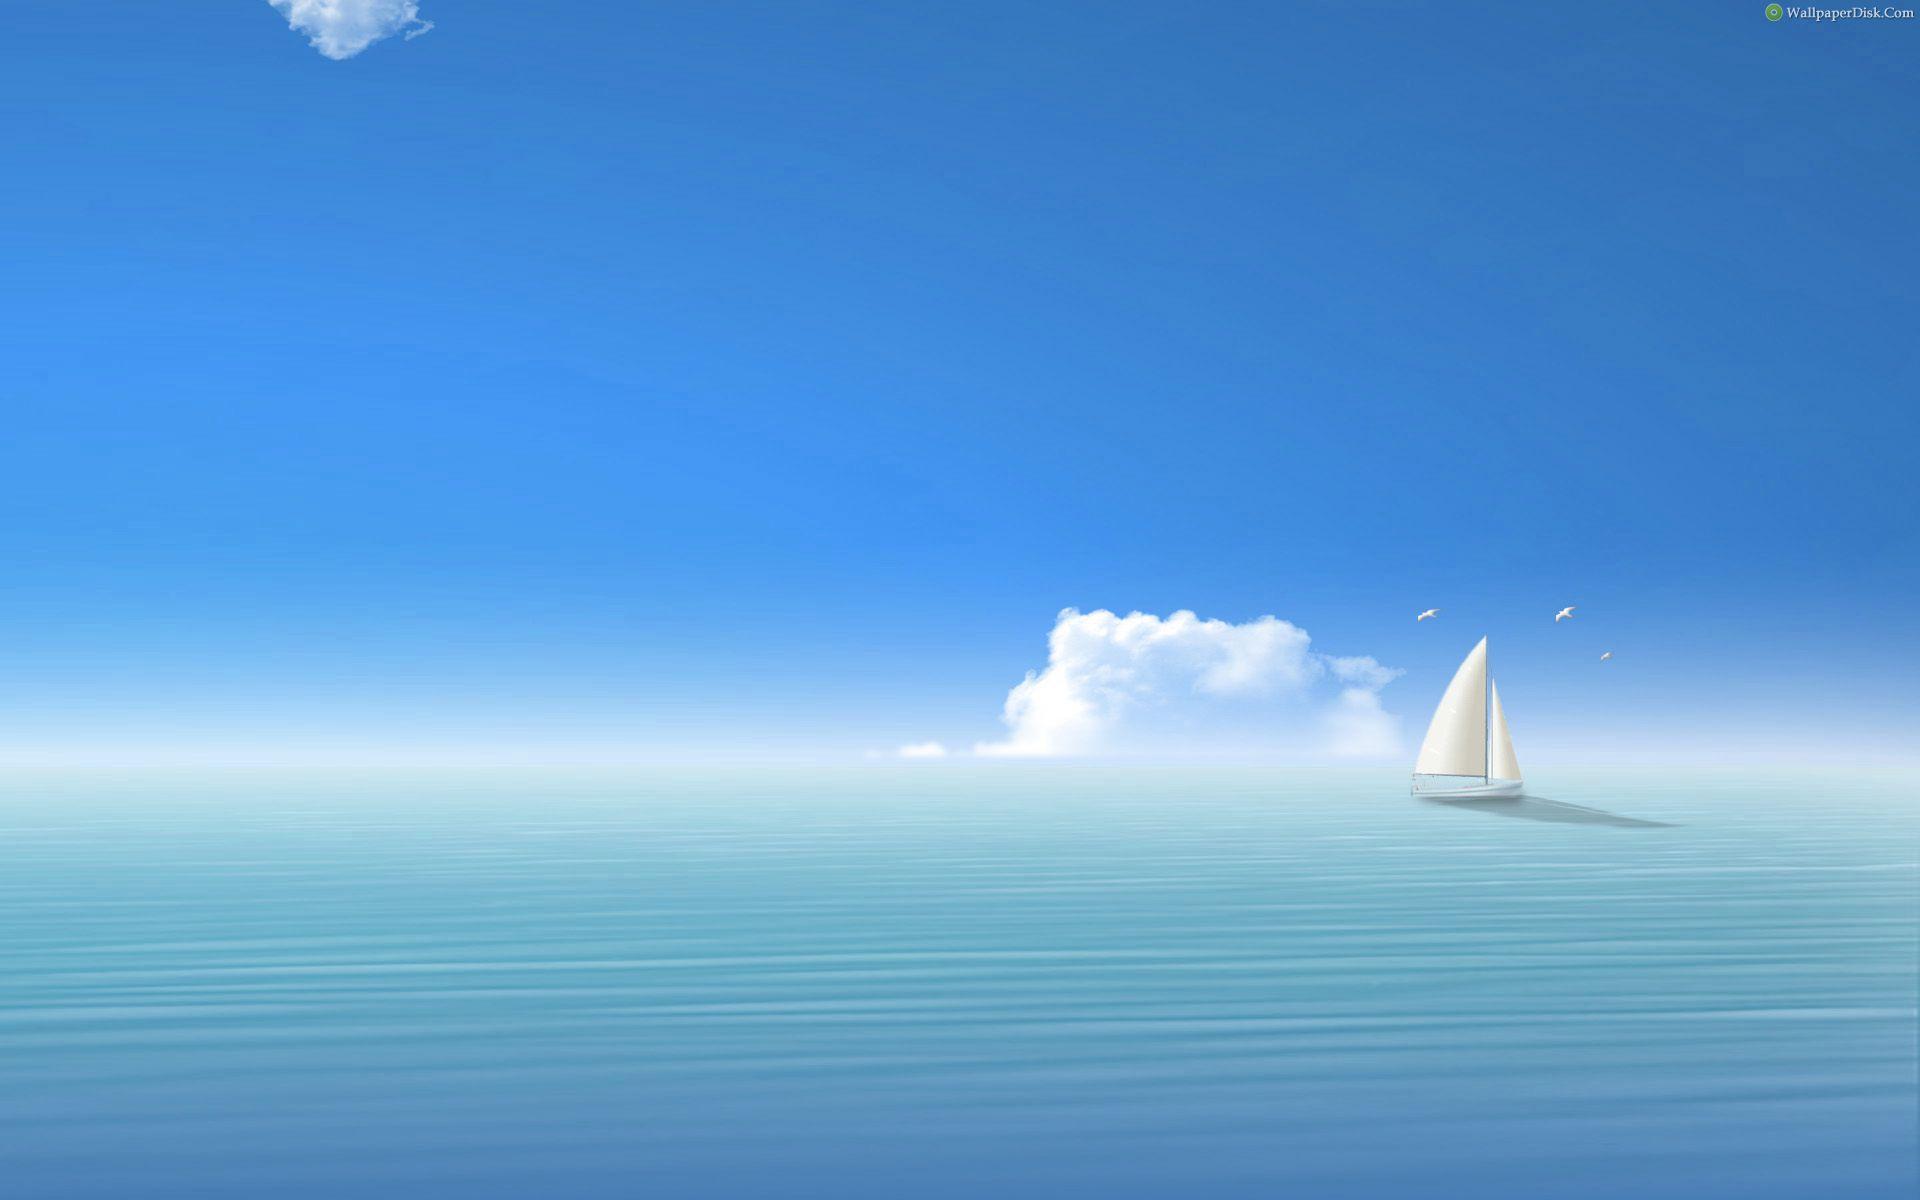 моря и яхта, корабль, парусник, скачать обои для рабочего стола, фото